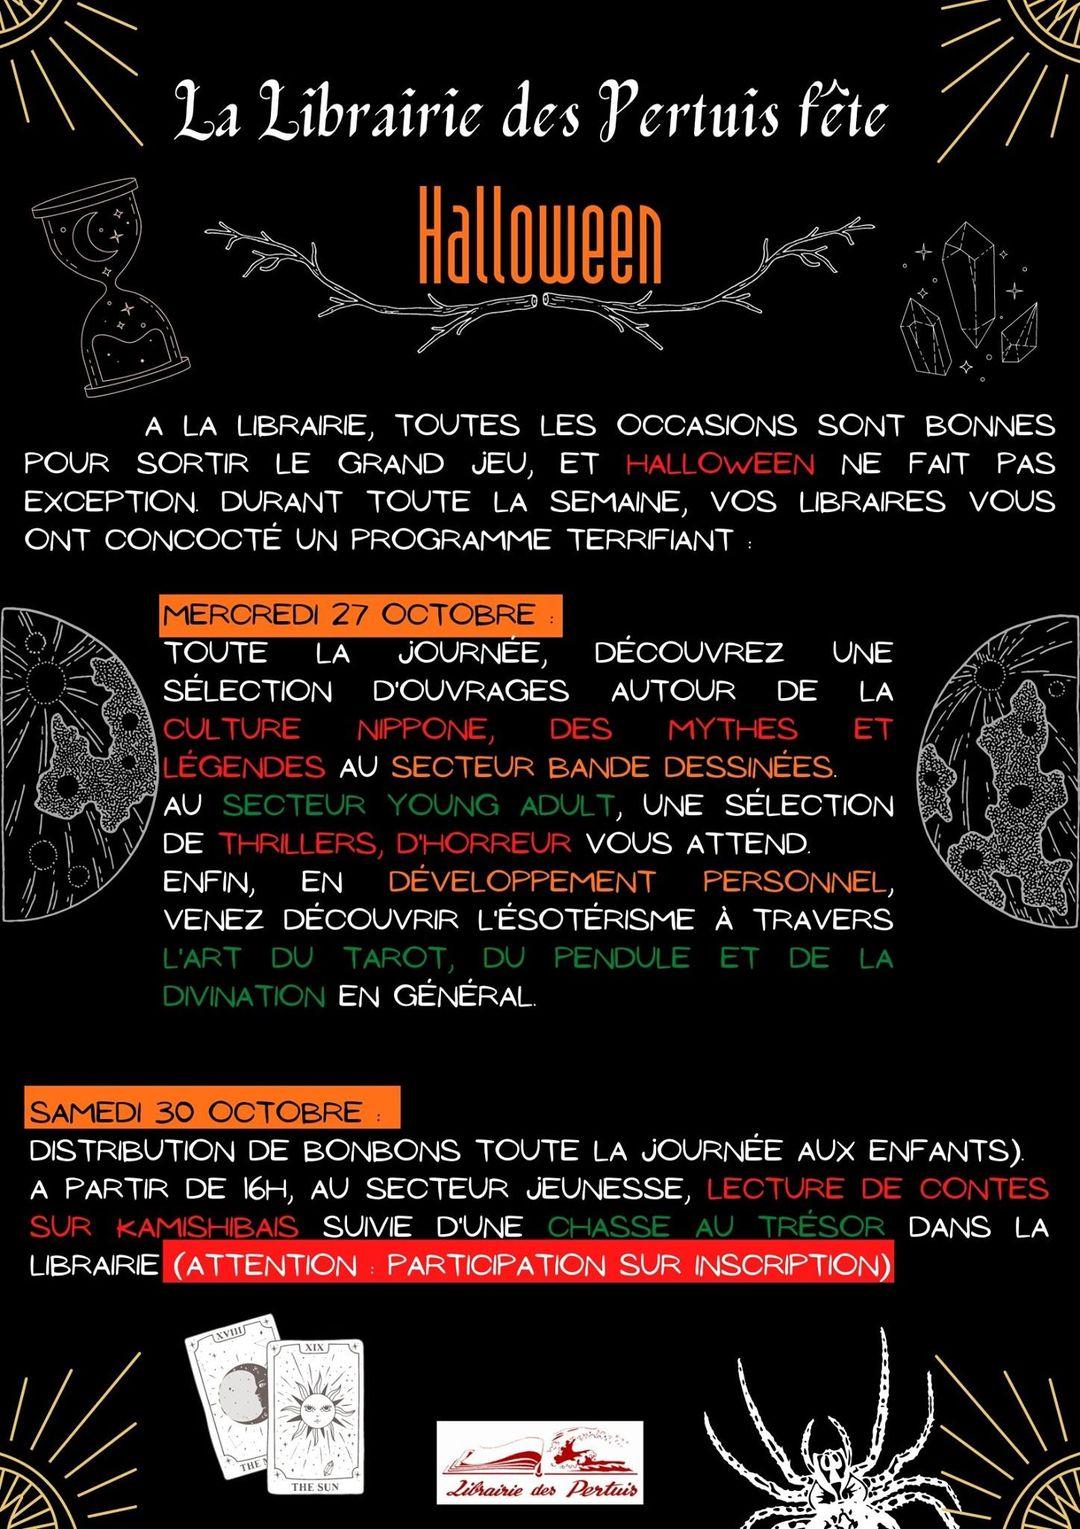 La librairie du Pertuis fête Halloween du 25 au 31 octobre 2021